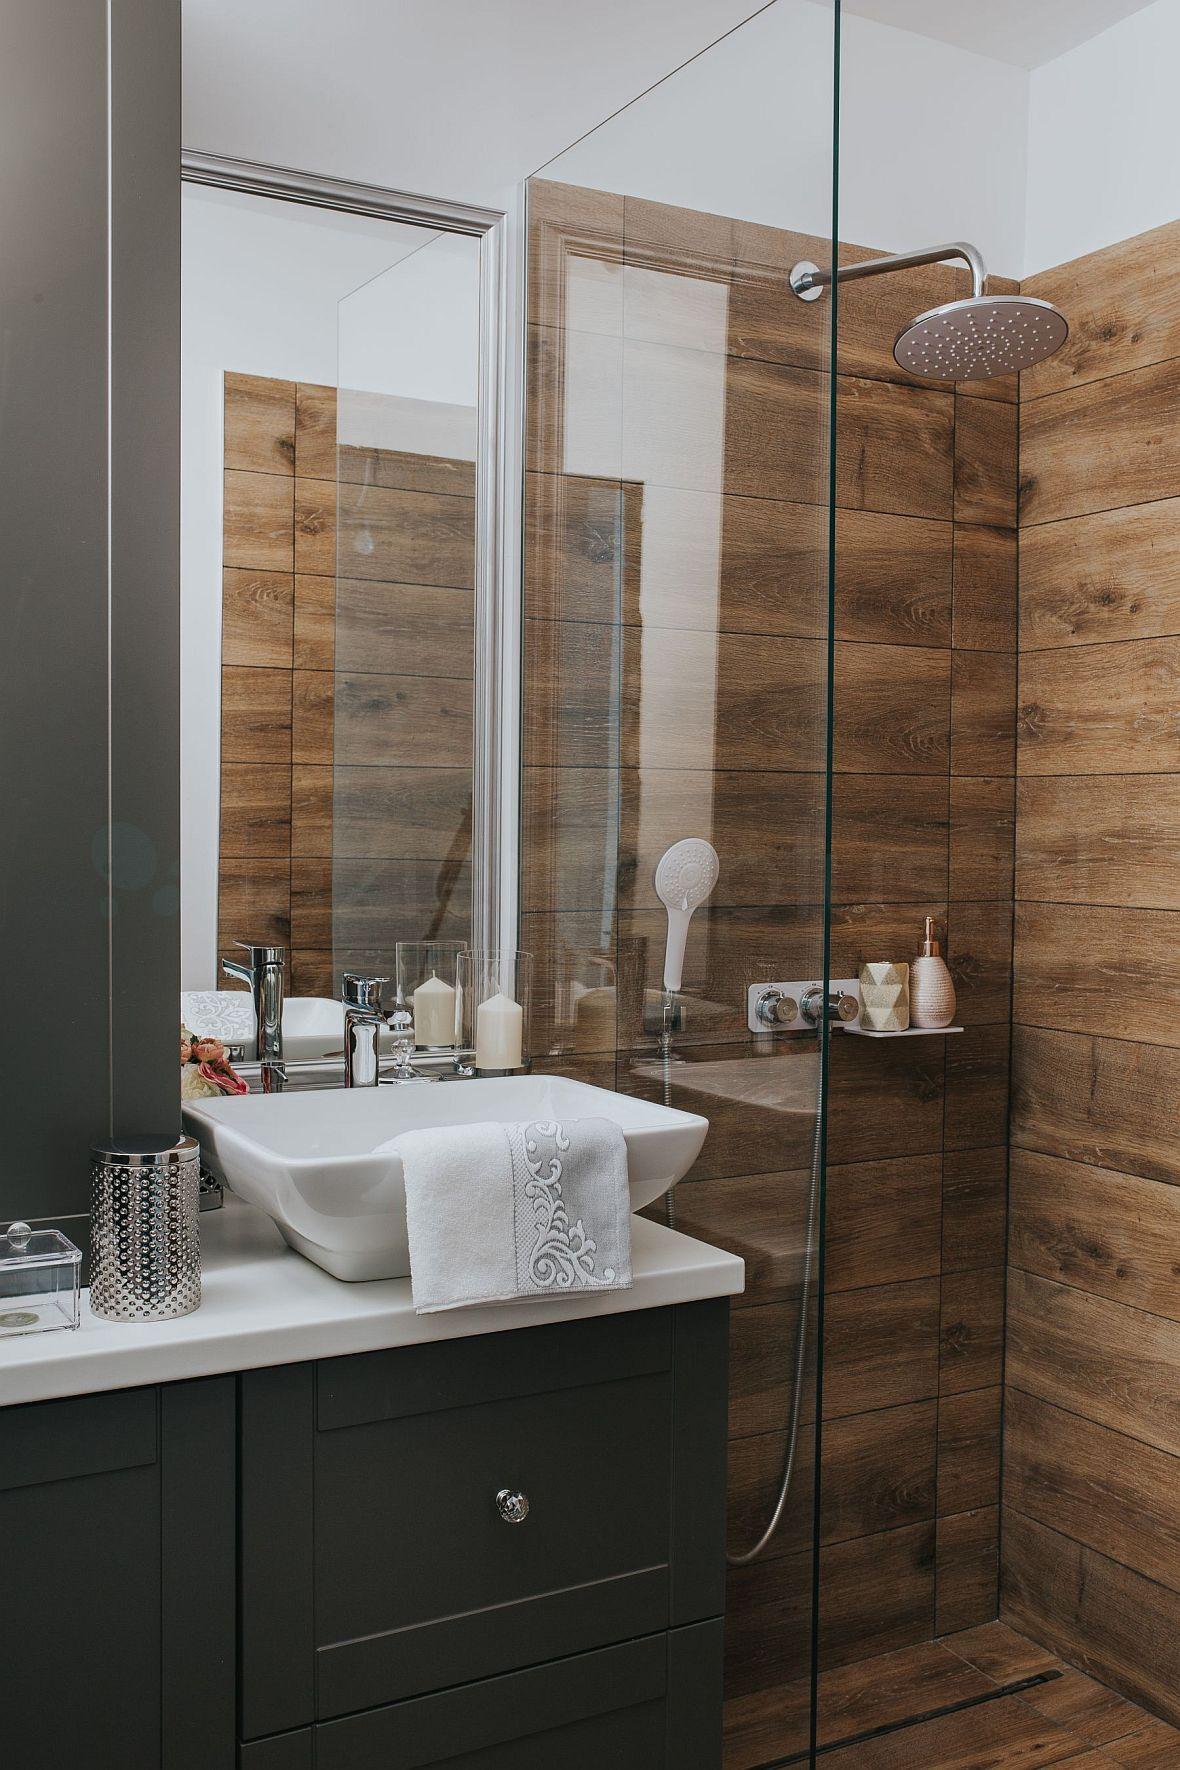 Deante Prysznic W Drewnie Kuchnie I łazienki Inspiracje